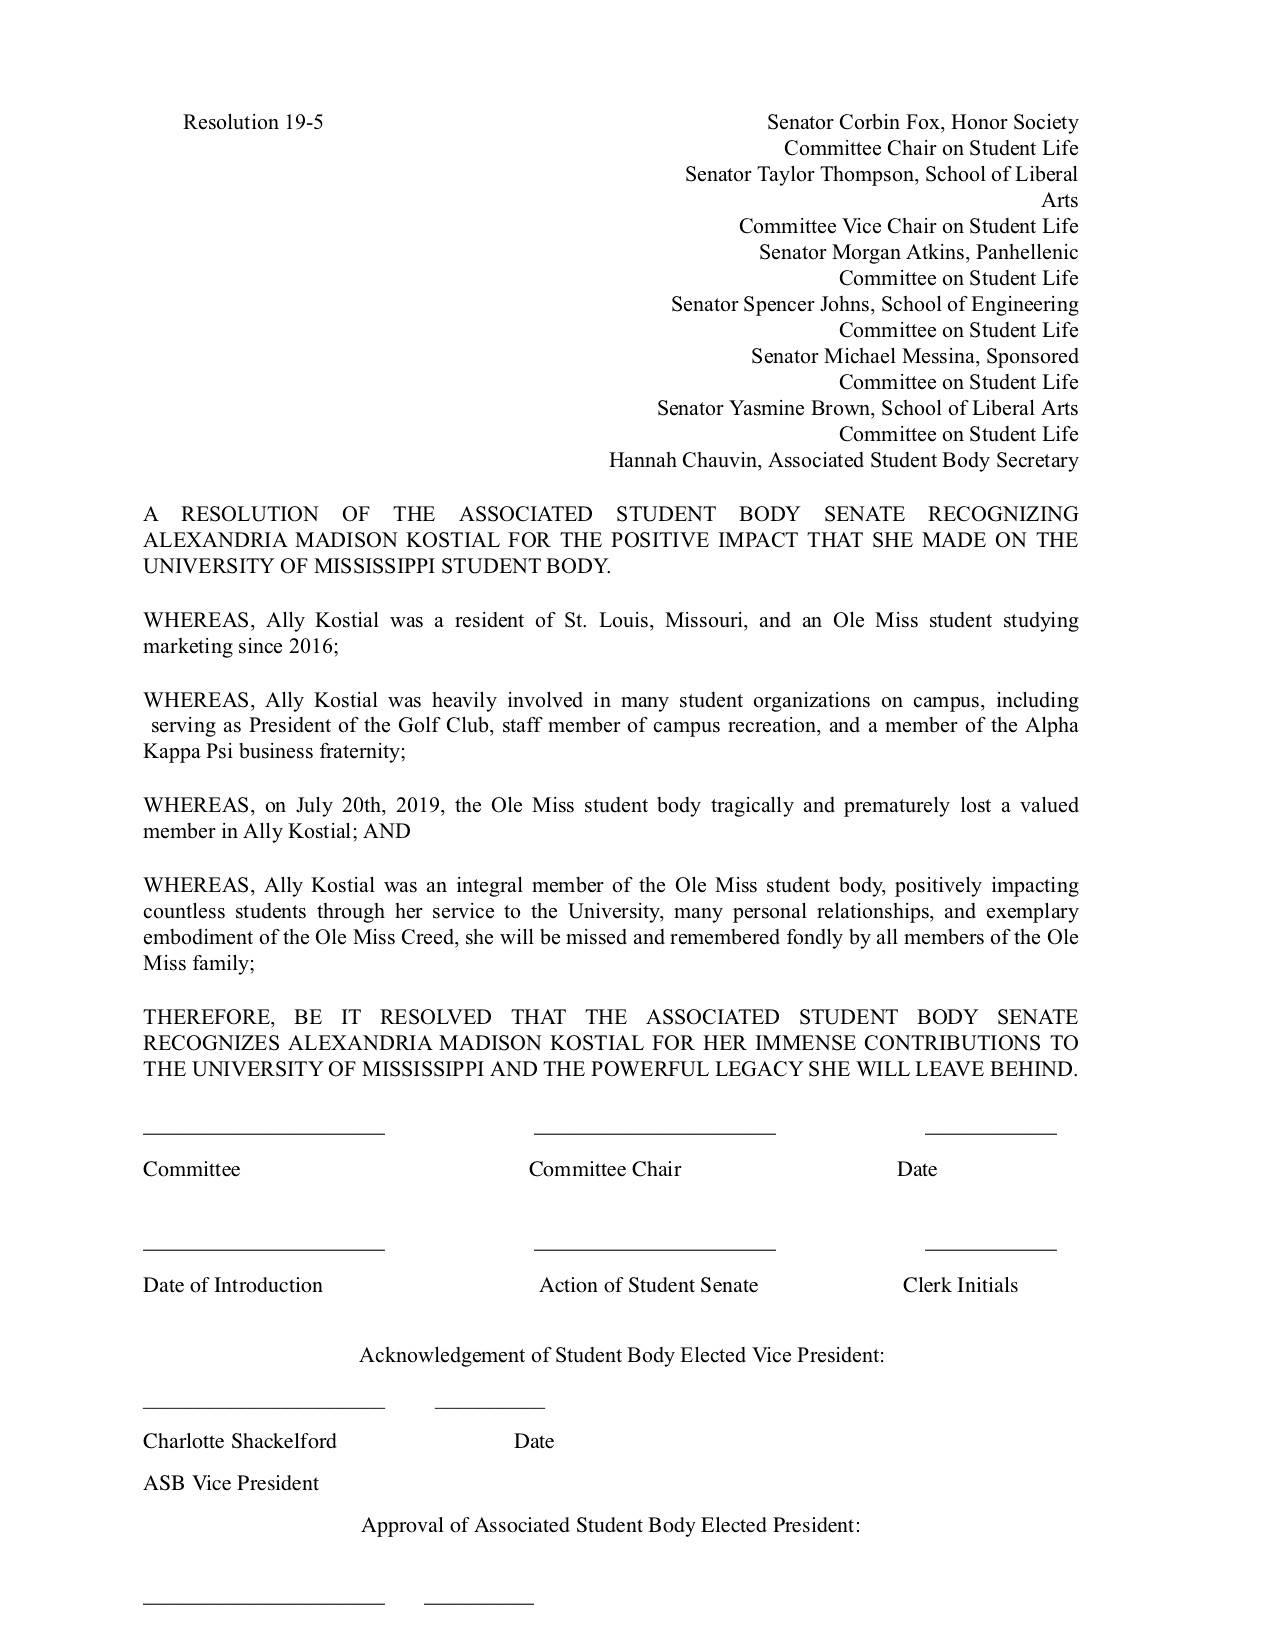 Legislation September 10.jpg